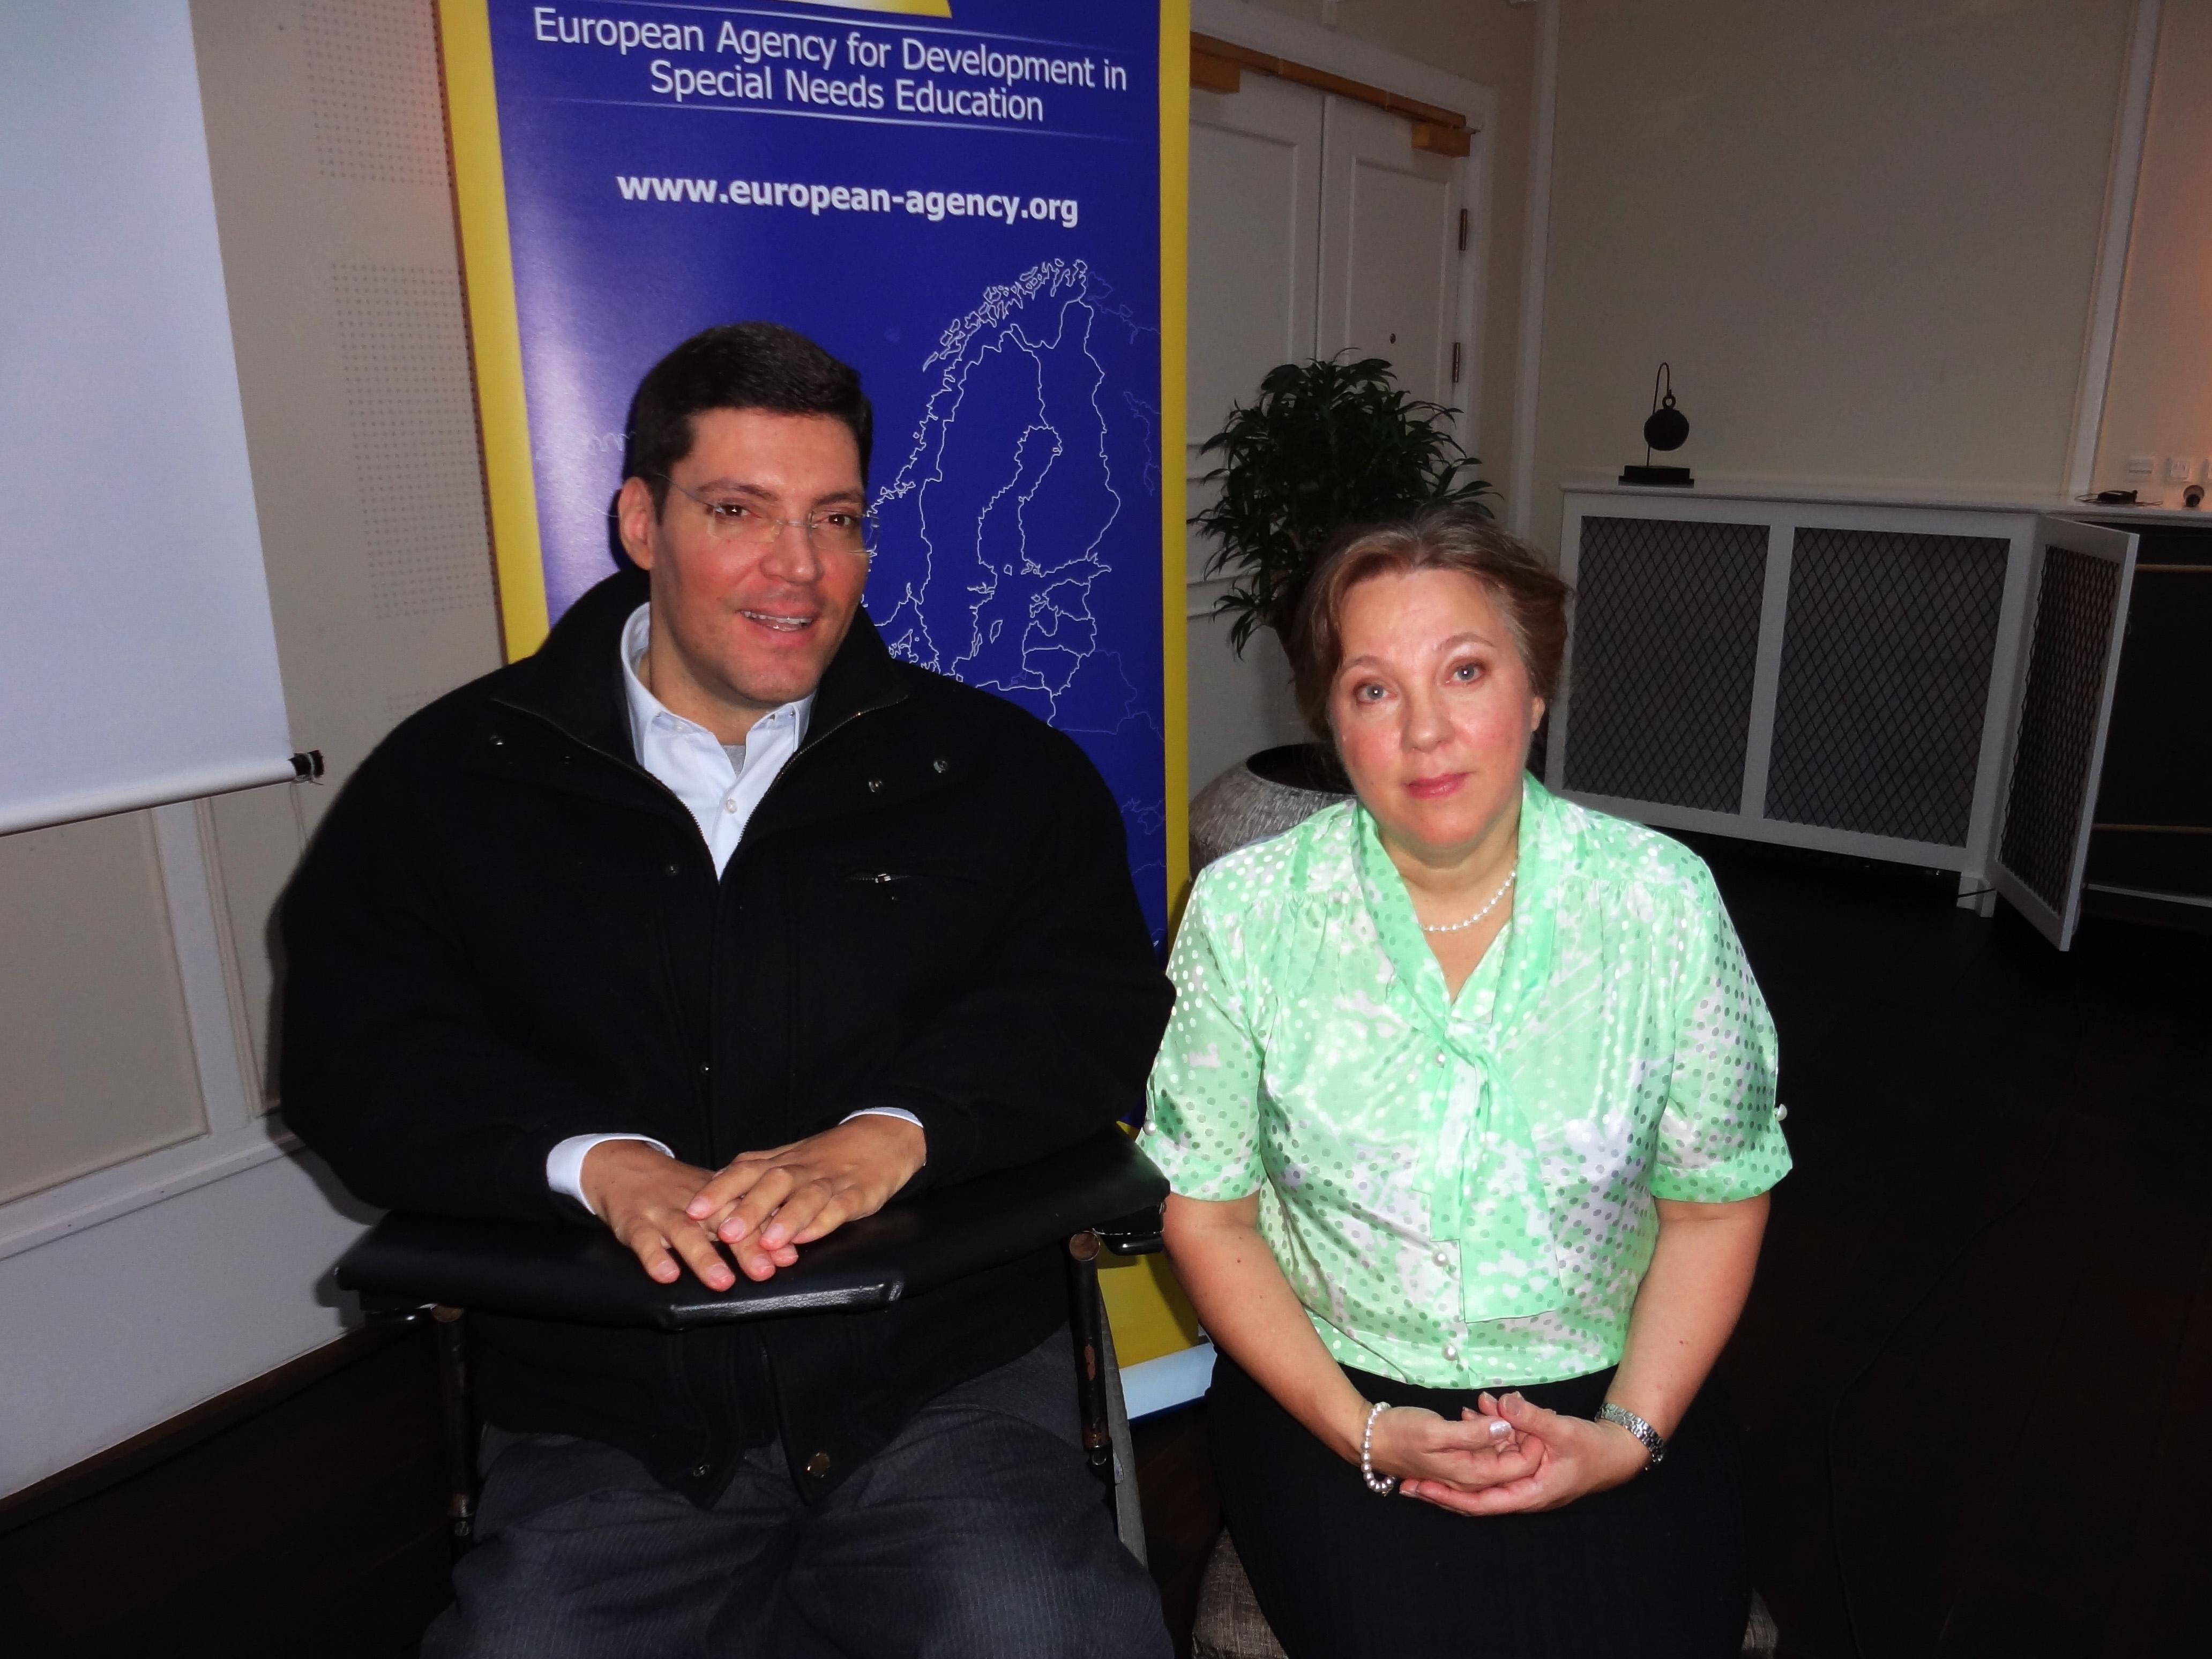 Em destaque, Rodrigo e uma mulher sentada posam lado a lado para a foto. Atrás deles, banner de fundo azul com mapa delineado em branco escrito em inglês 'European Agency for Developmente in Special Needs Education'.